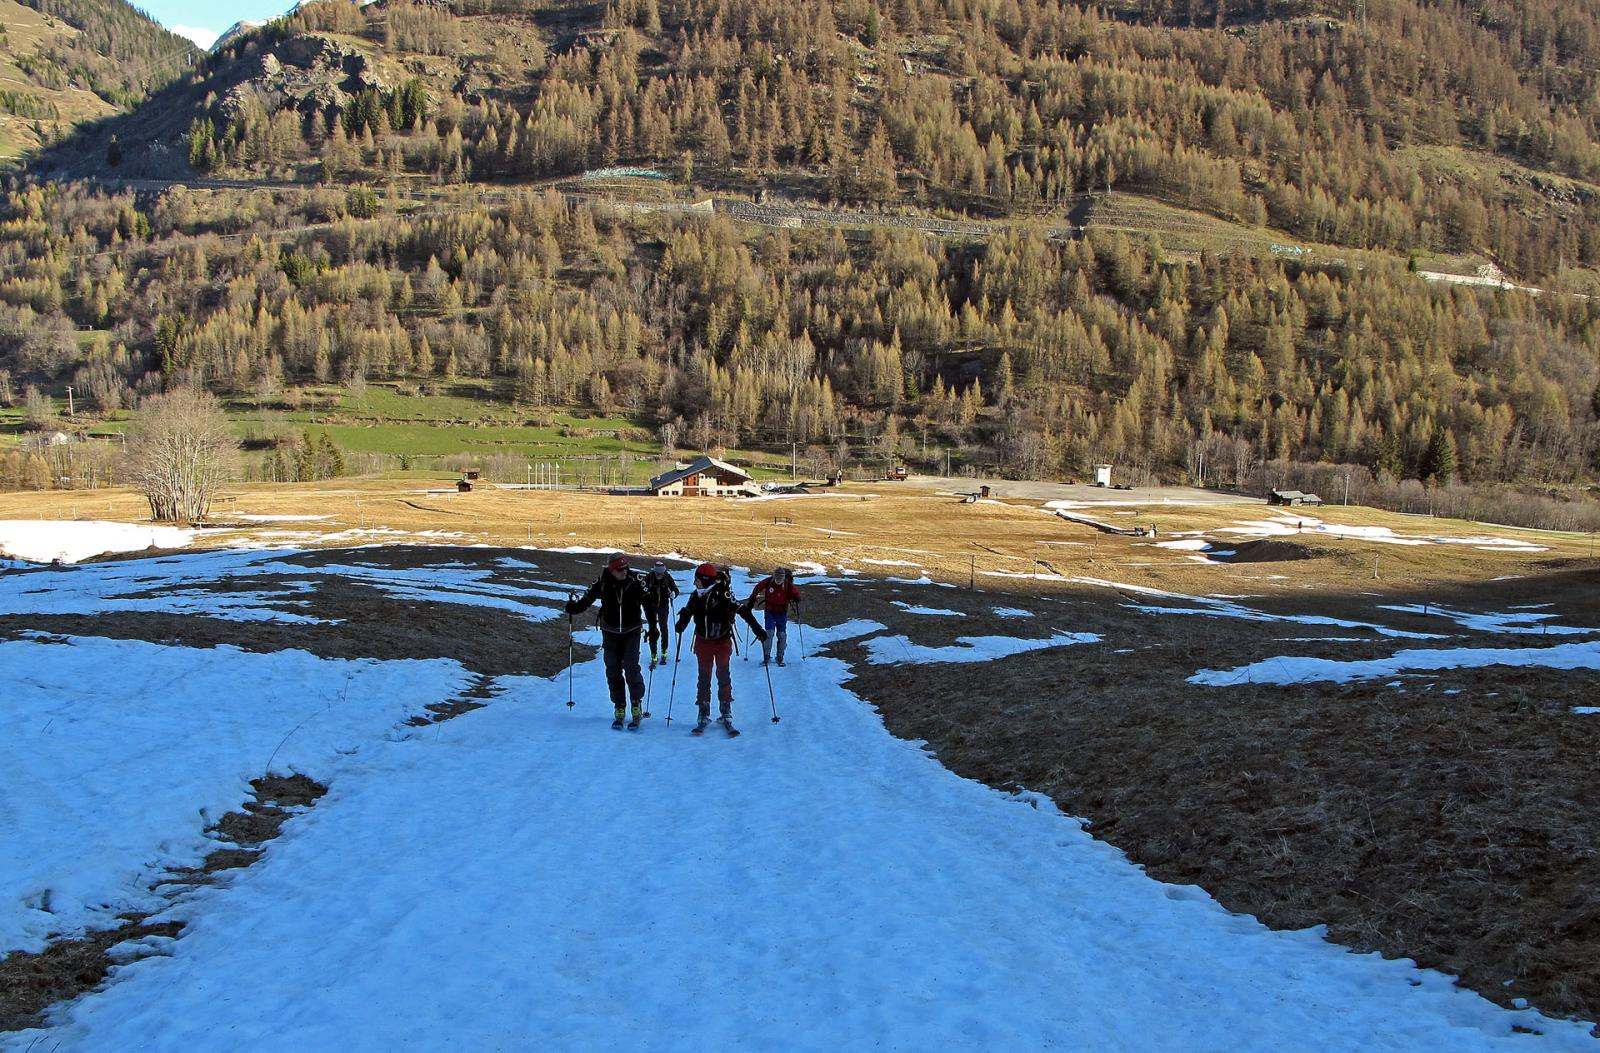 Alla partenza,pochi minuti e si mettono gli sci